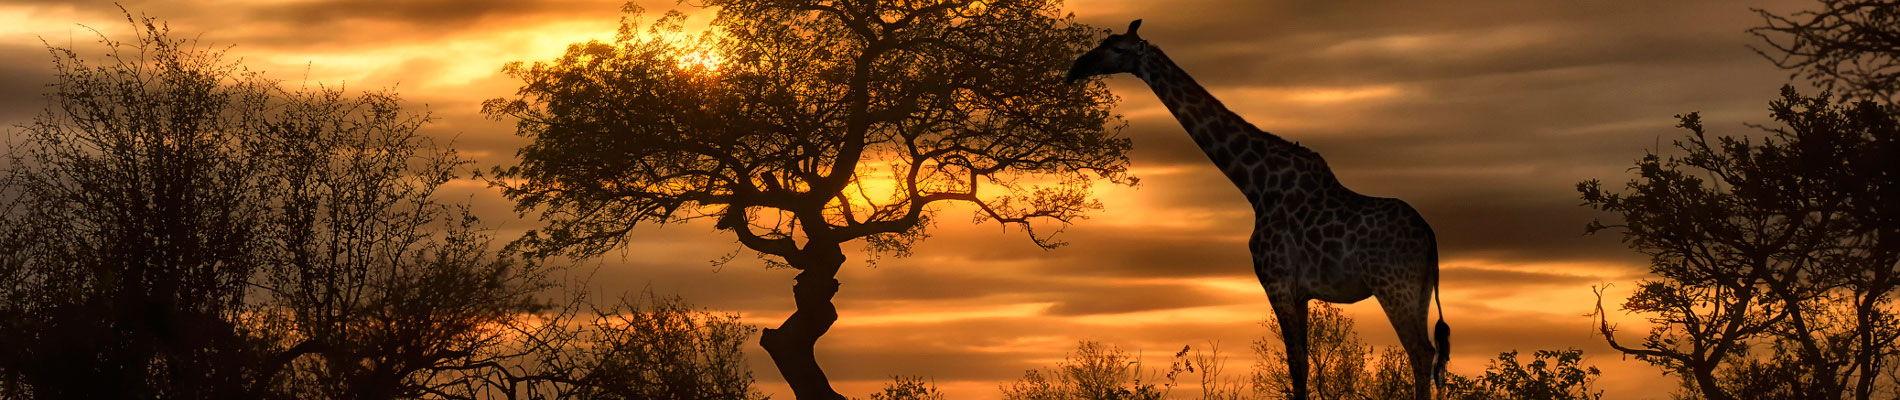 botswana-safari-girafe-st